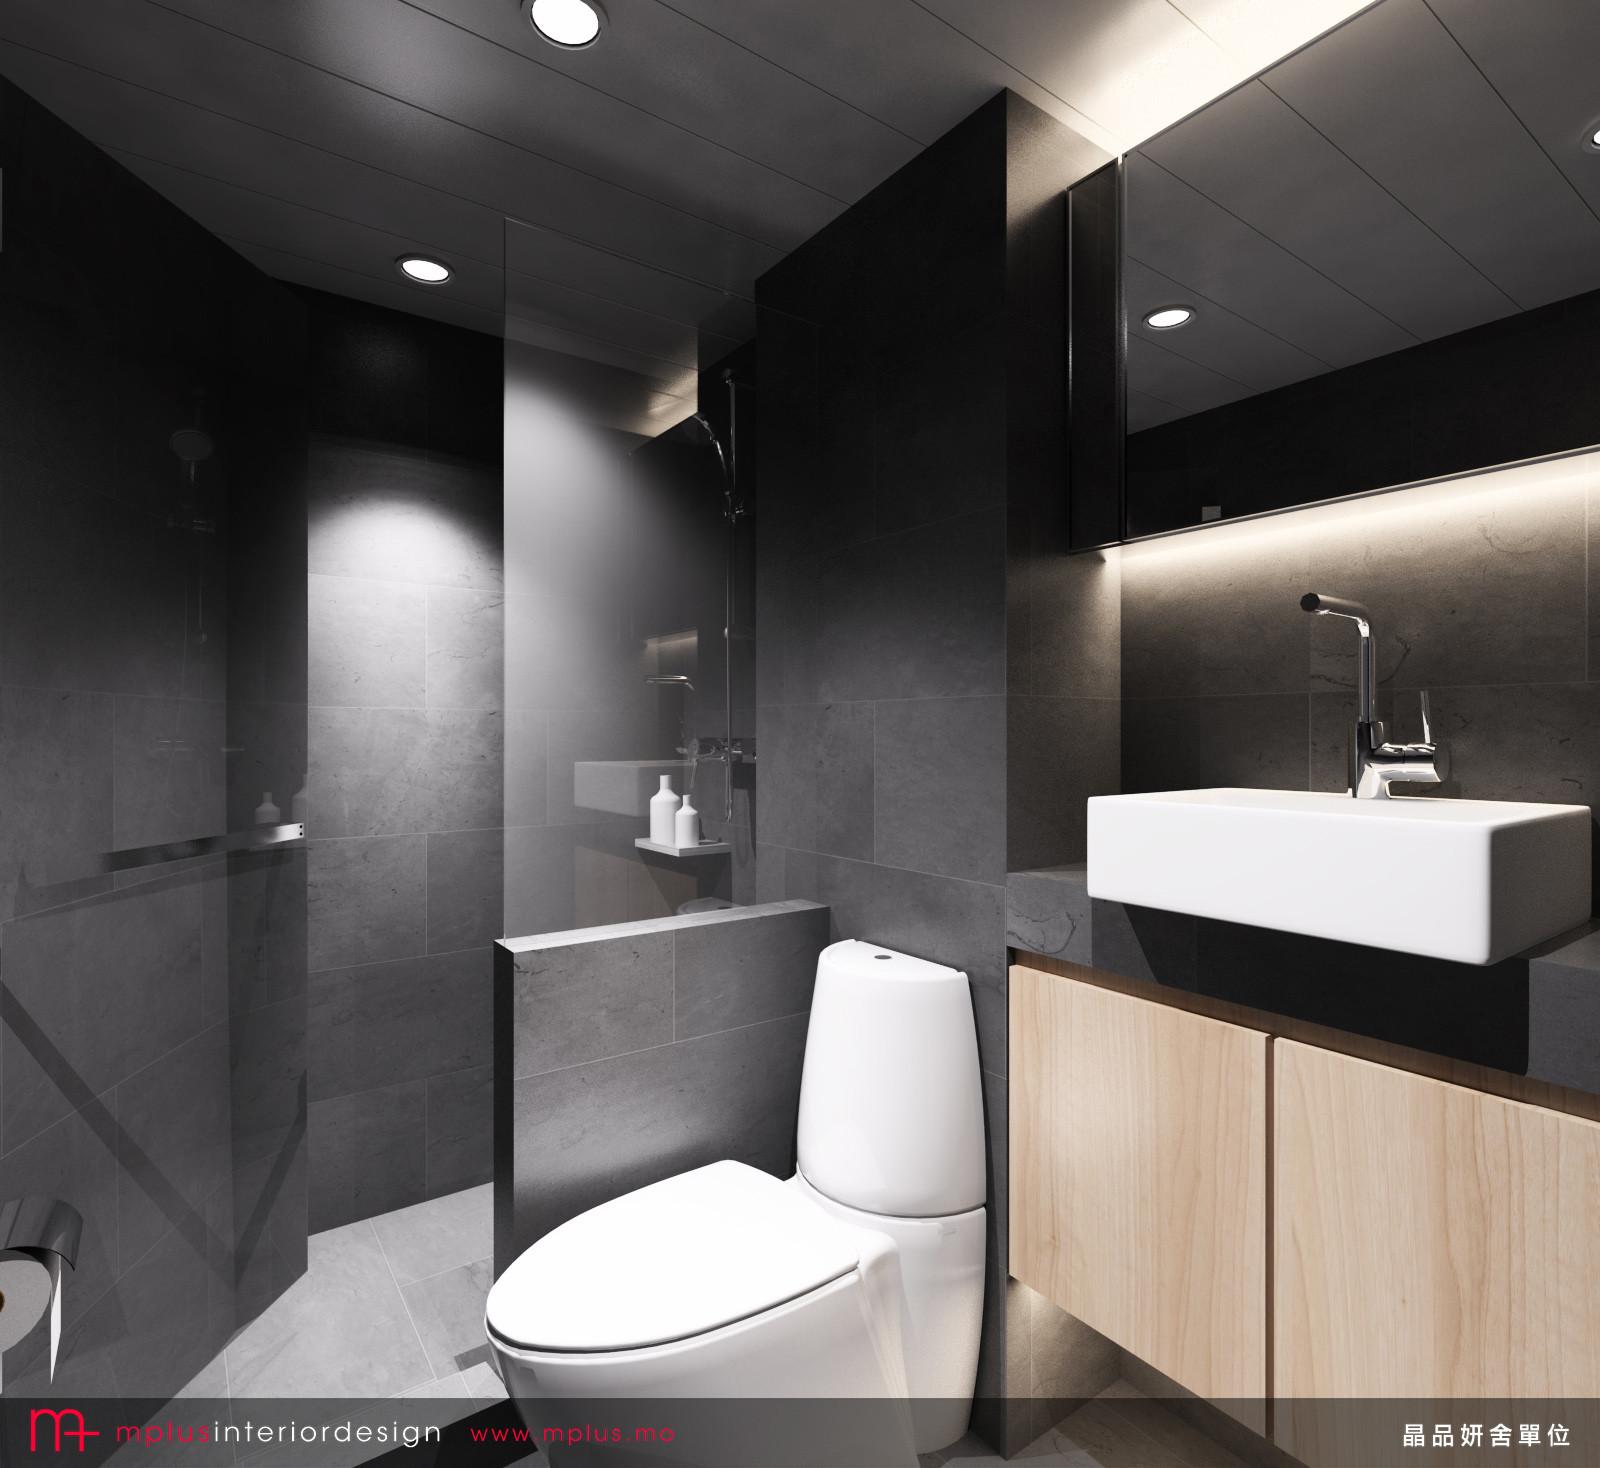 Casa Verde Apartments: MPLUS Interior Design Macau